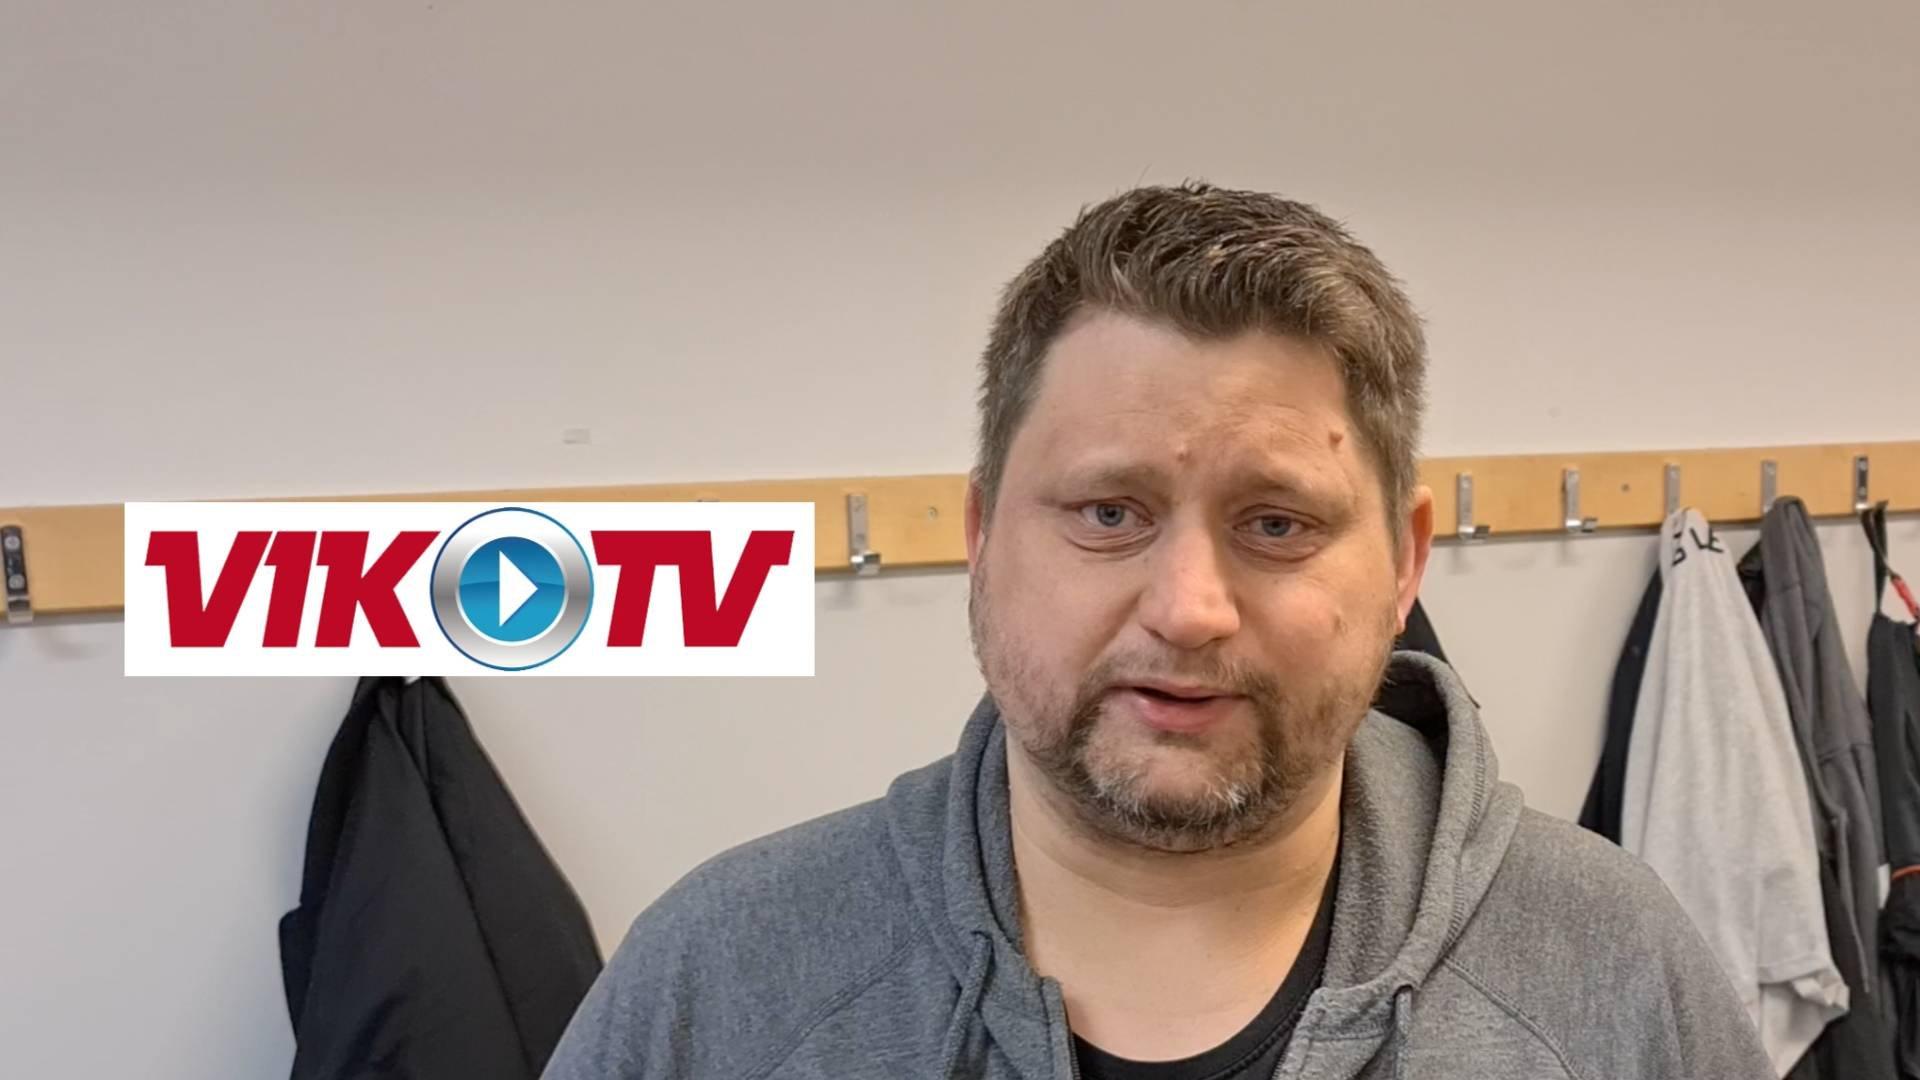 Intervju med Karlin inför Hästen borta